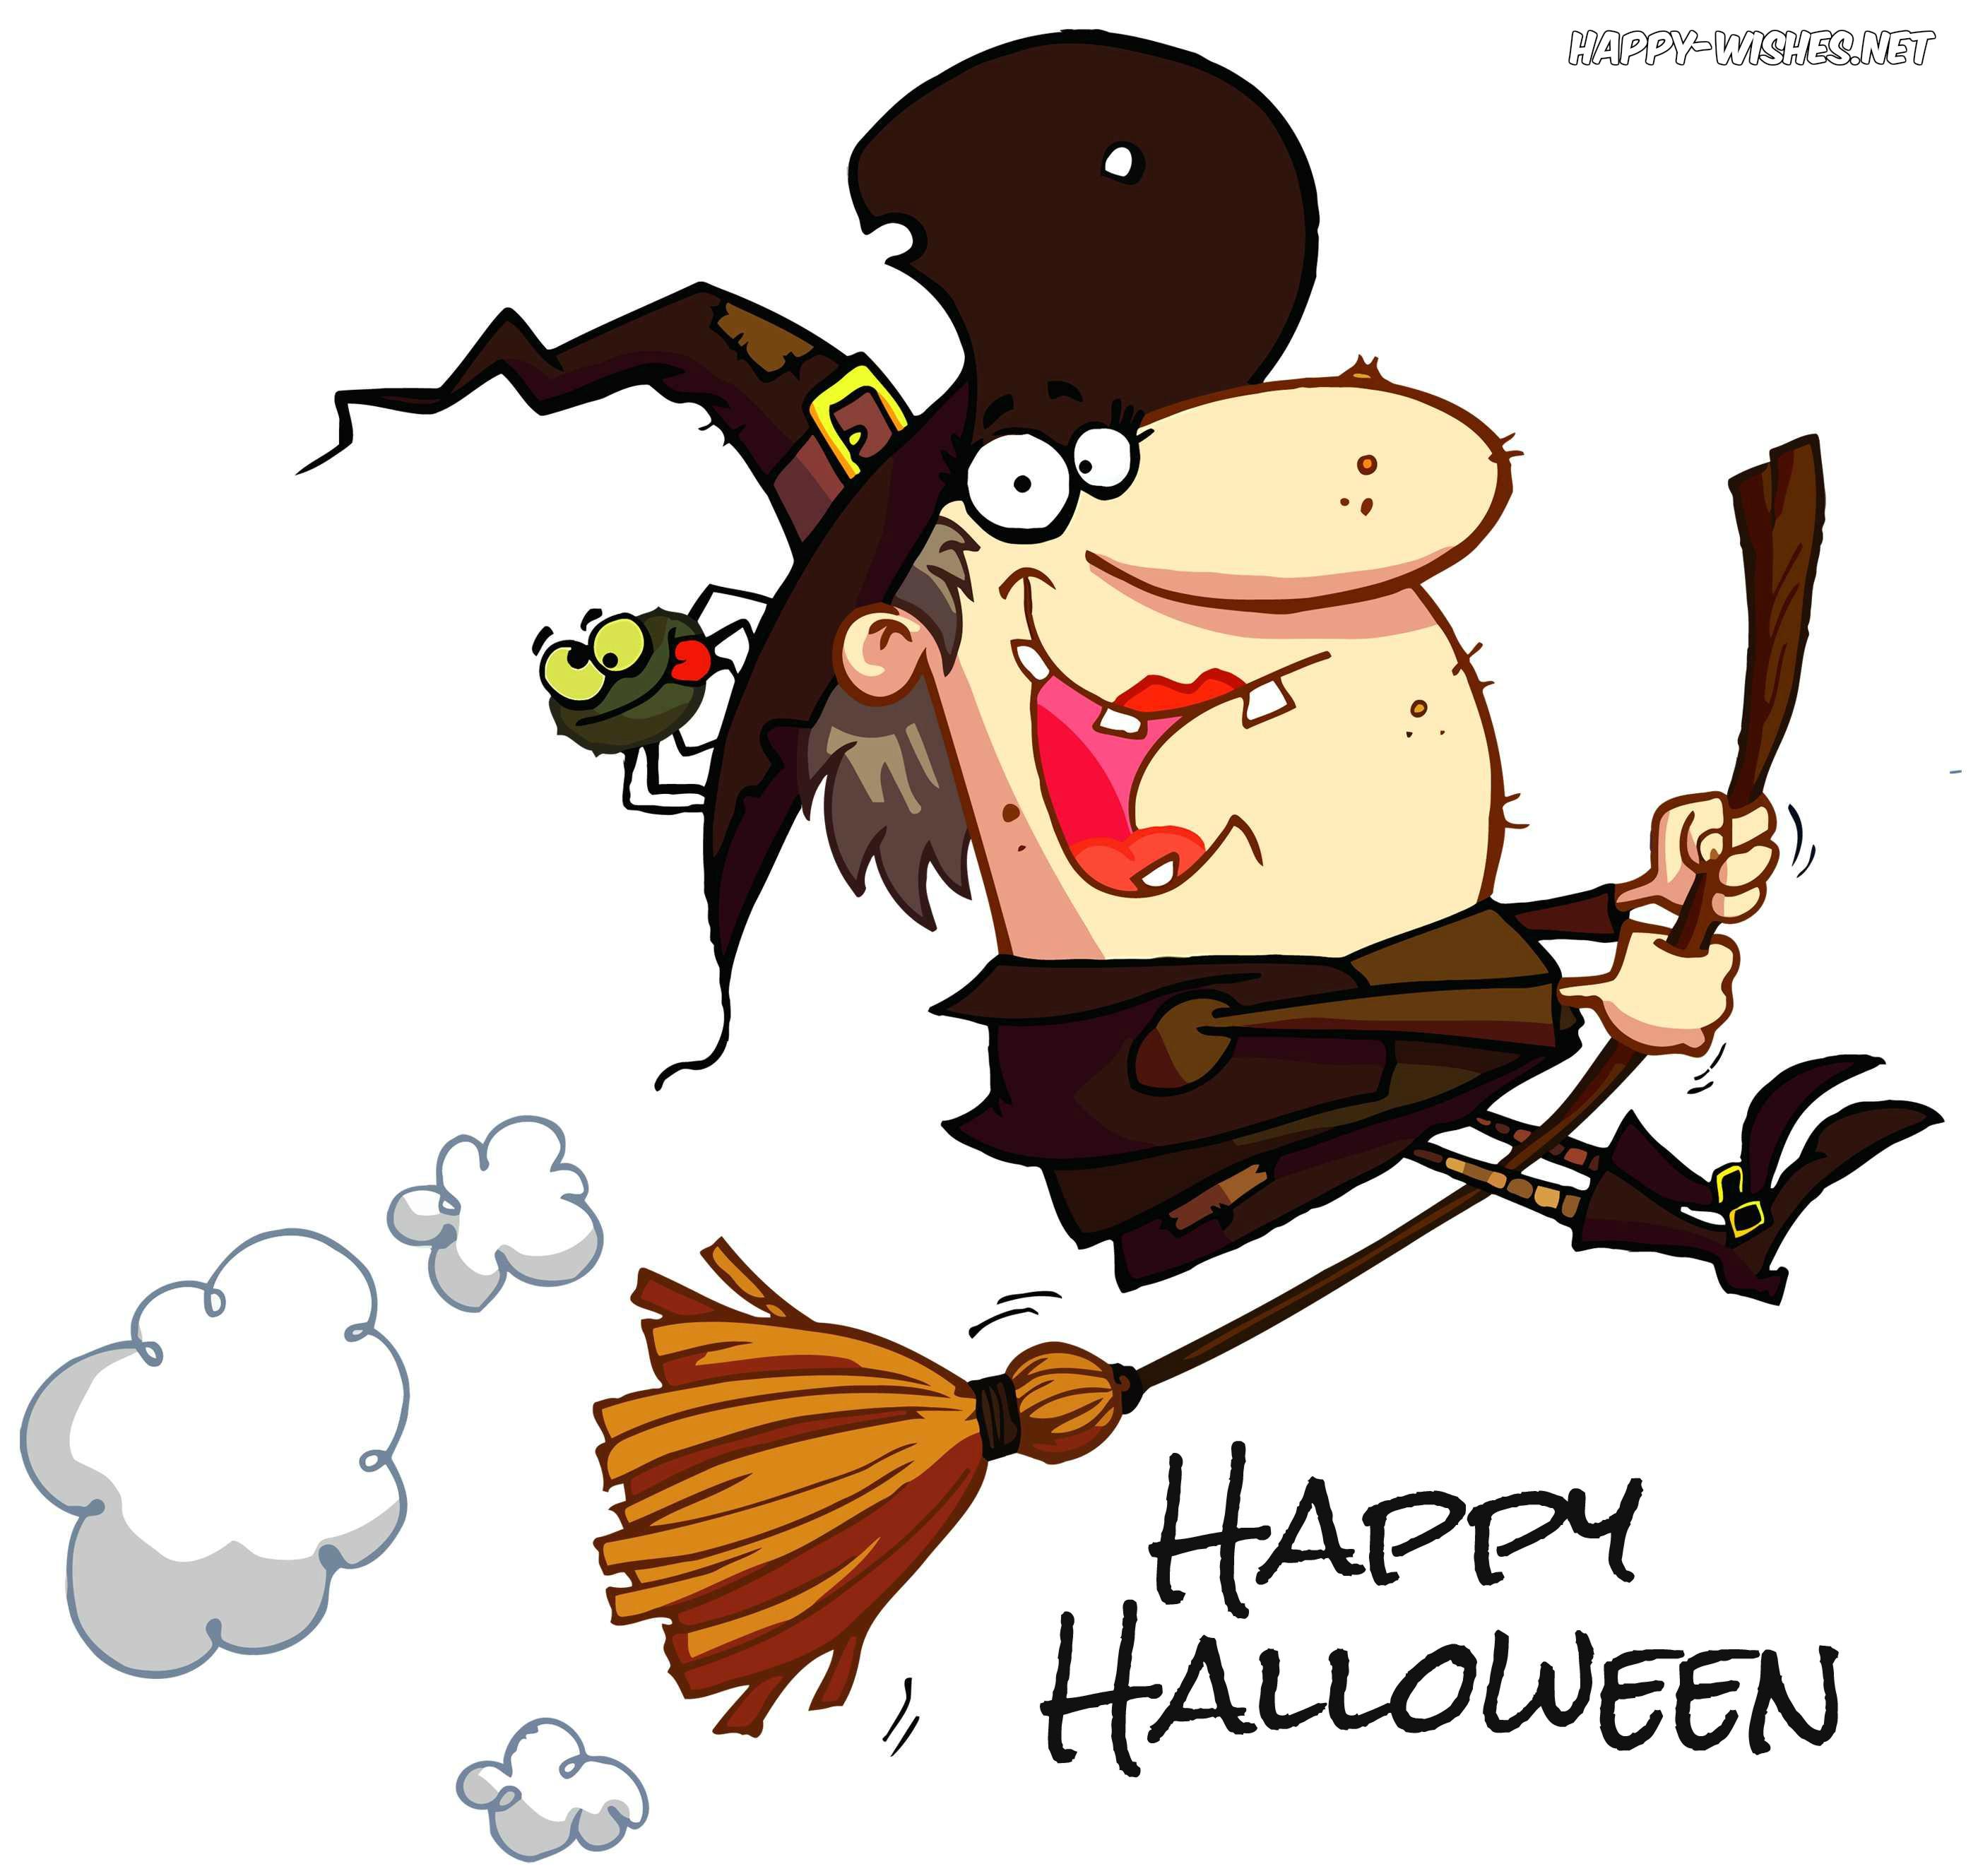 Best Halloween cartoon images